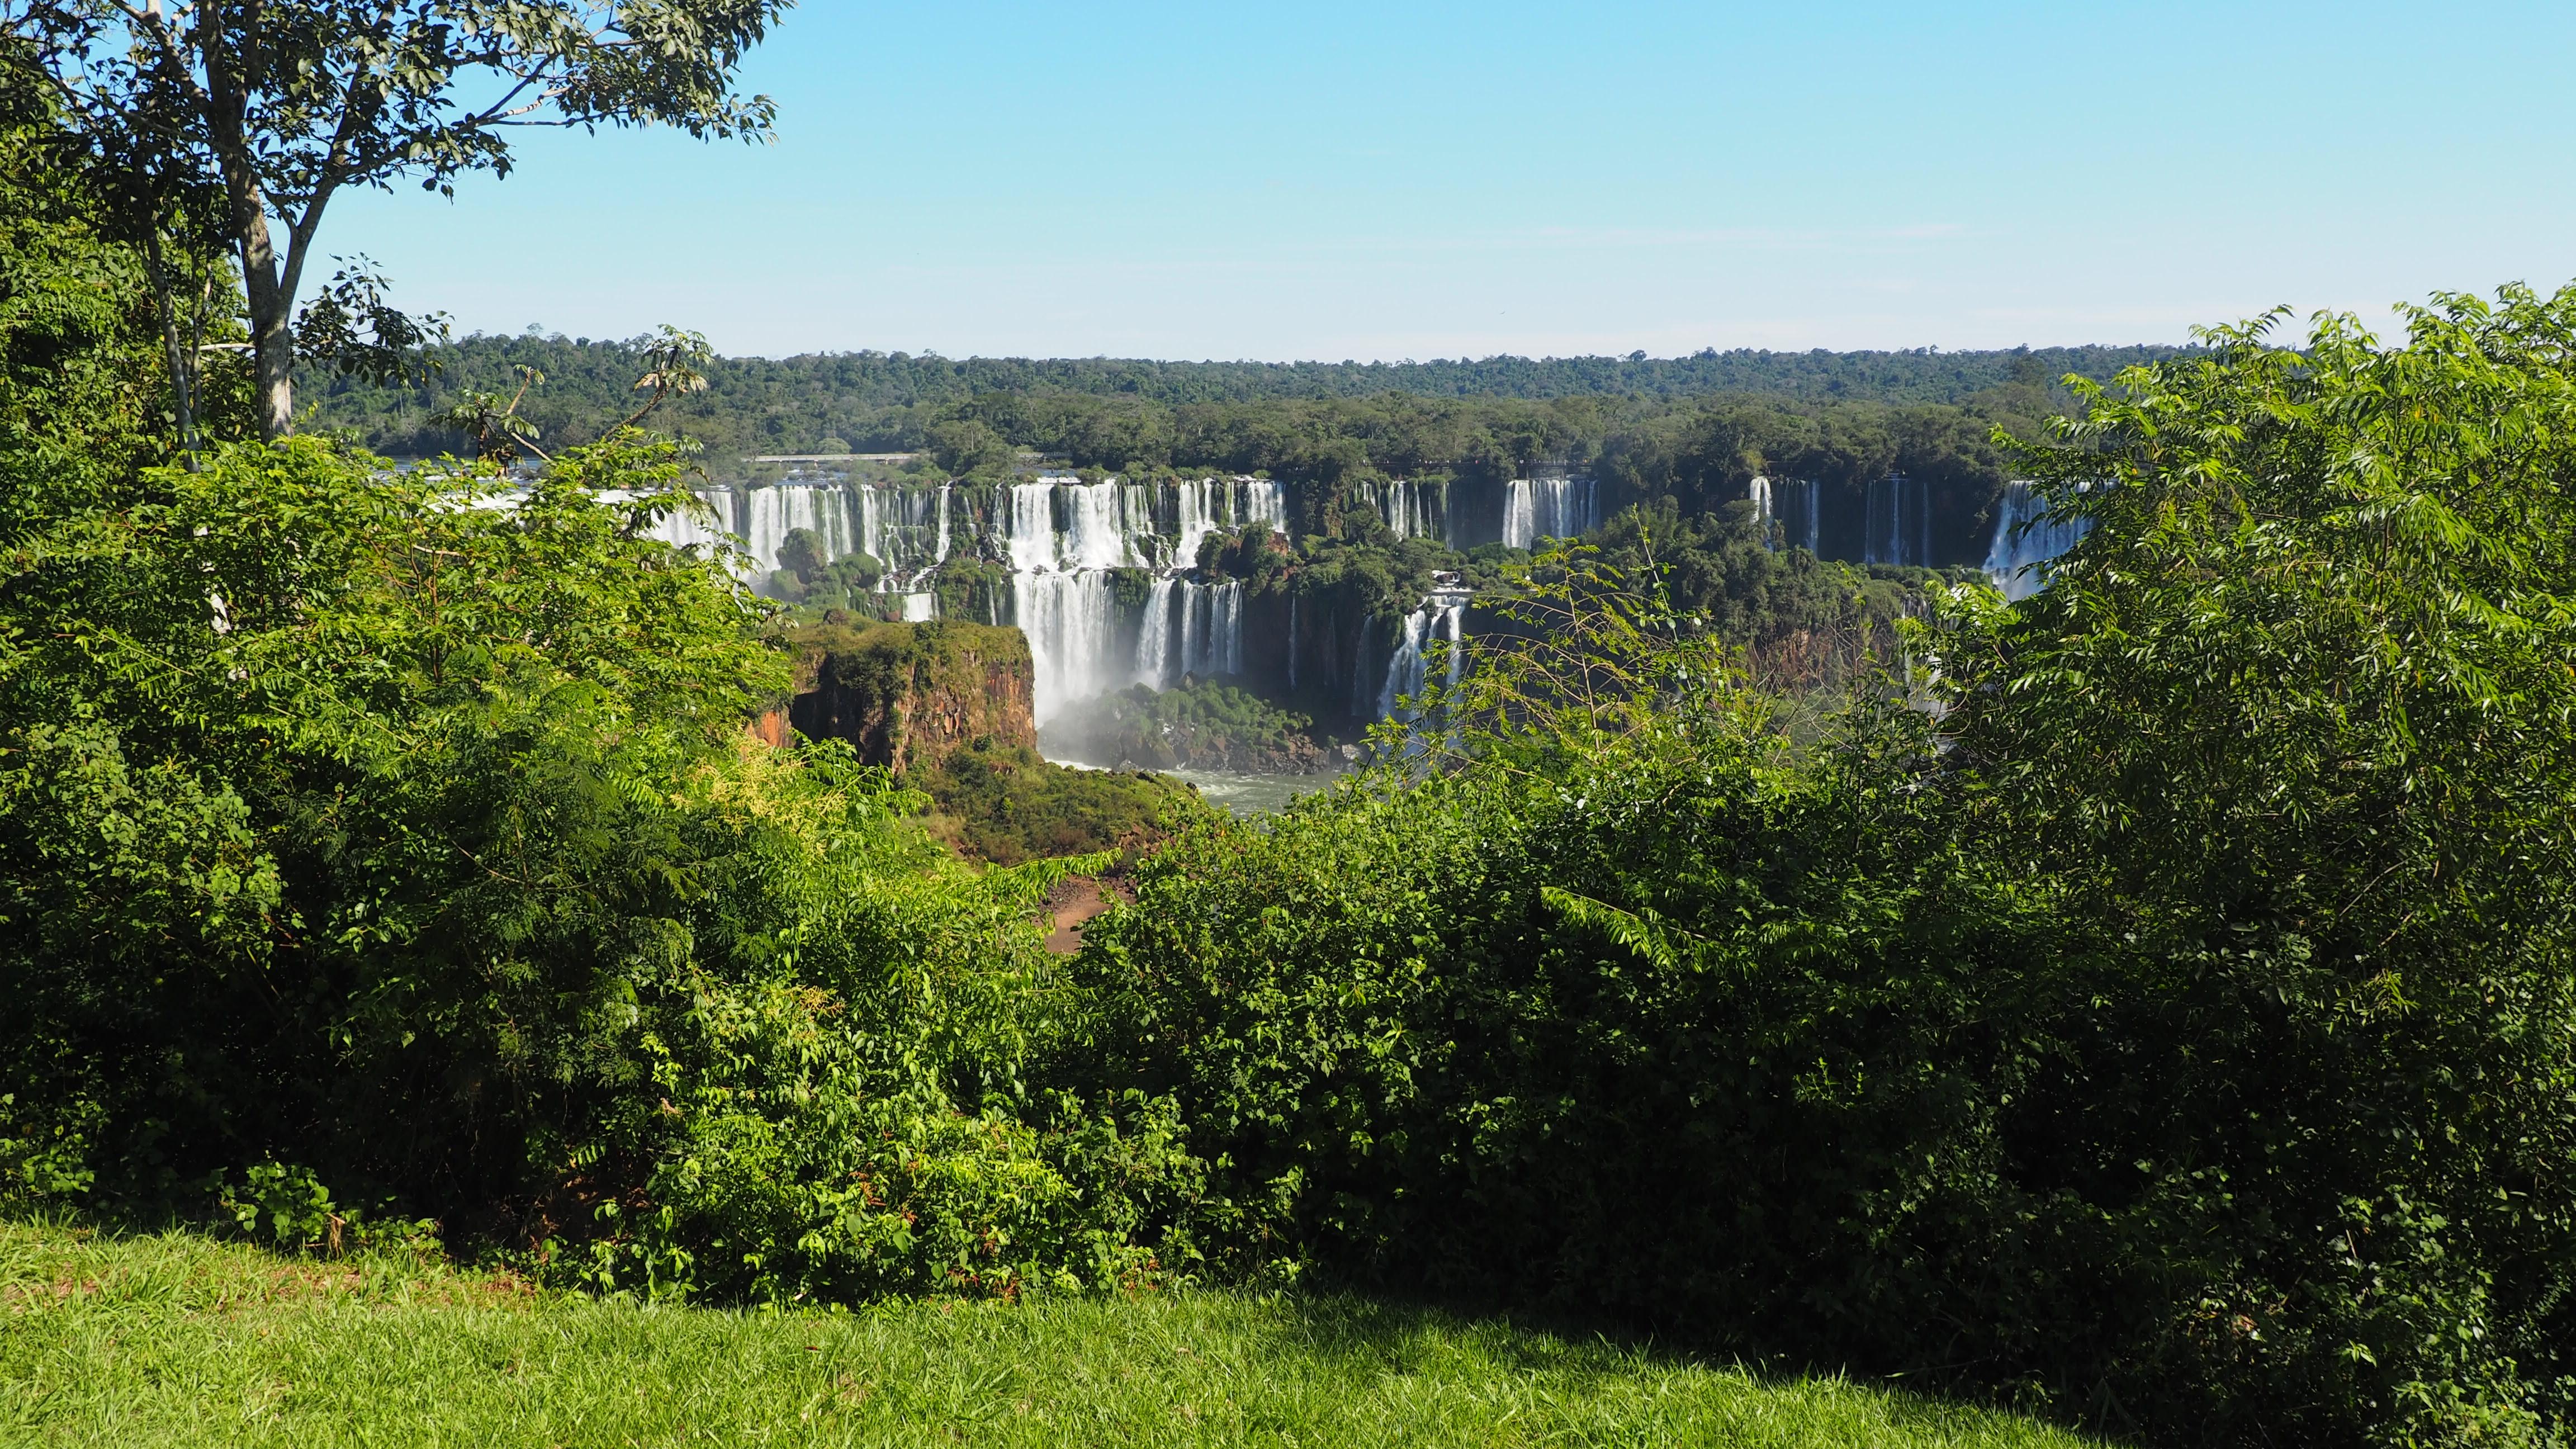 Vista del lado argentino que se tiene al visitar el lado brasileño de Iguazú